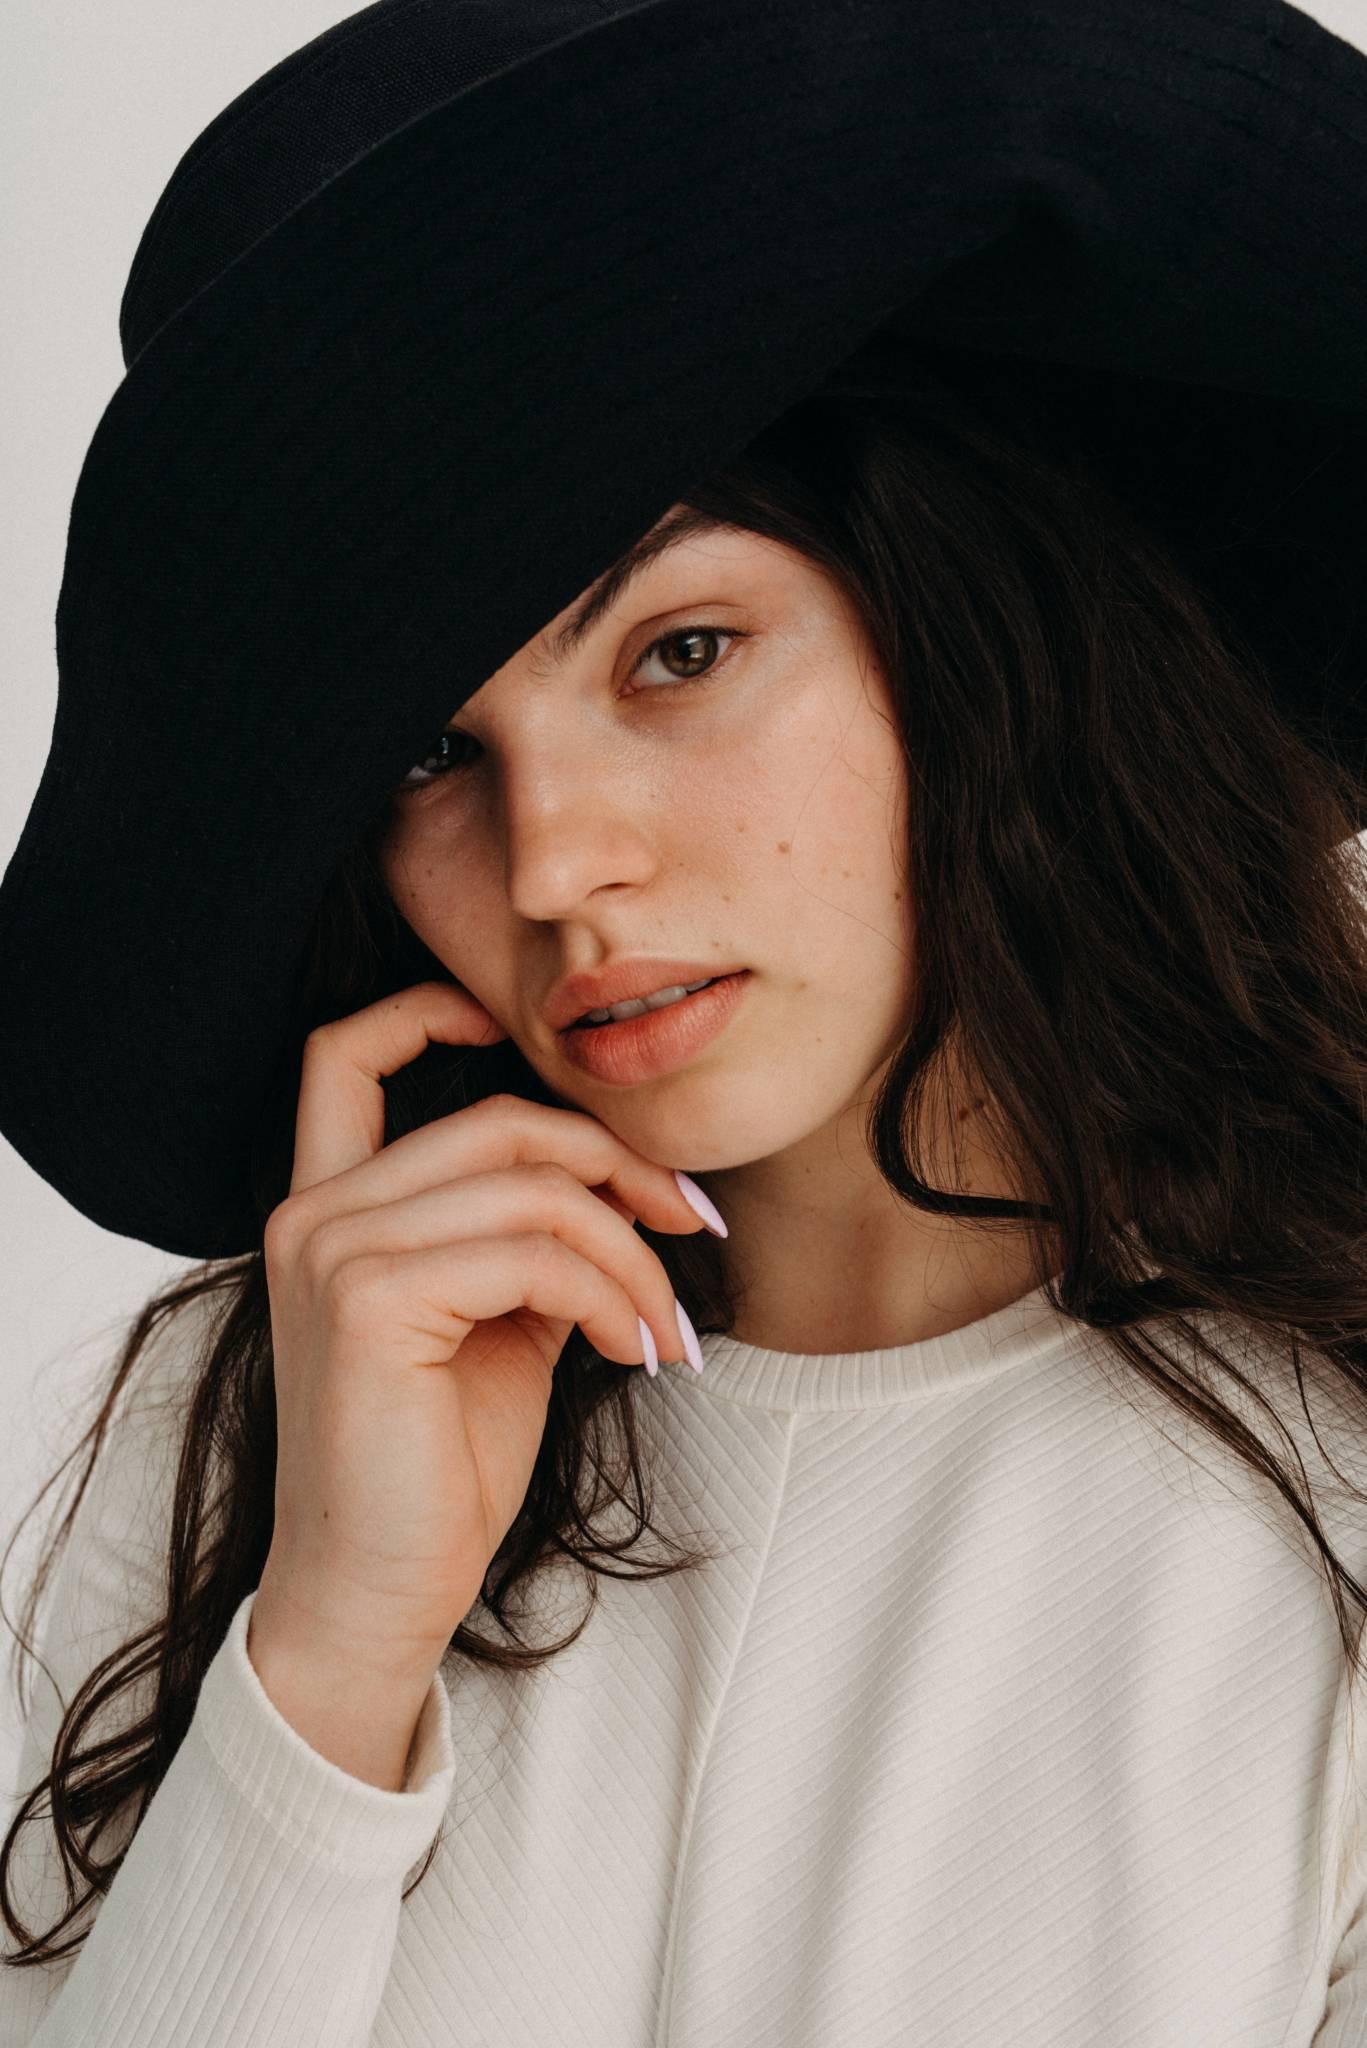 Sweter na lata. Rozmowa z Julią Turewicz, twórczynią marki NAGO